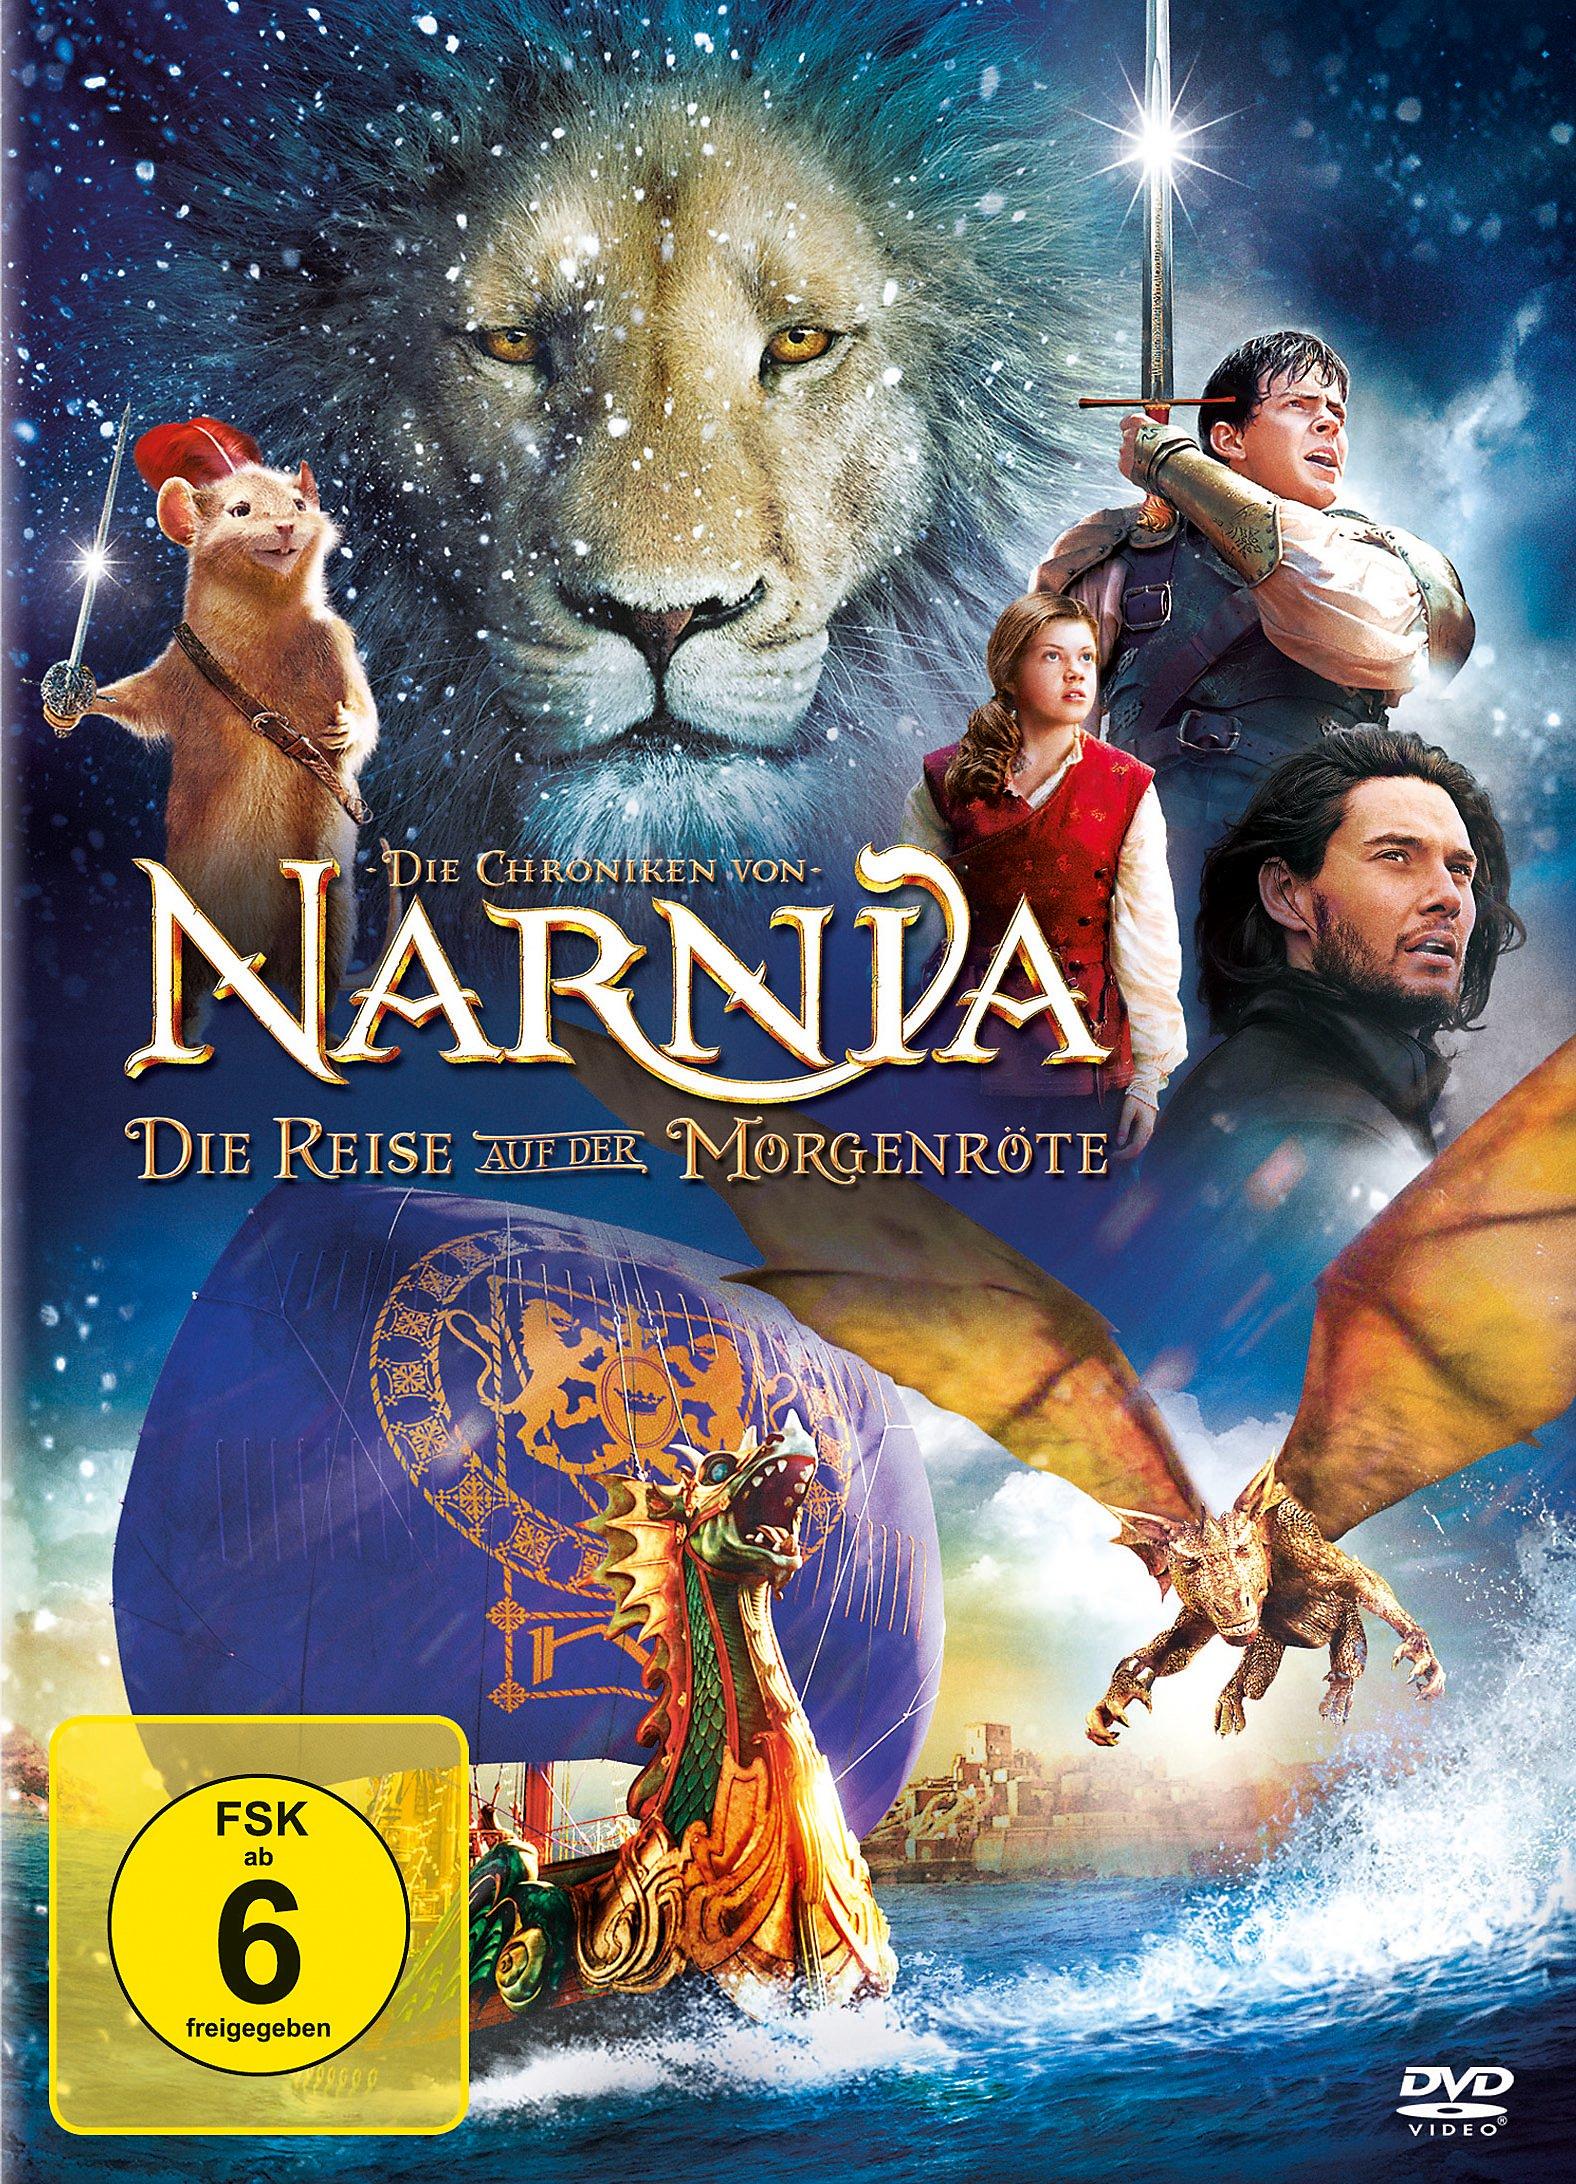 narnia die reise auf der morgenröte stream